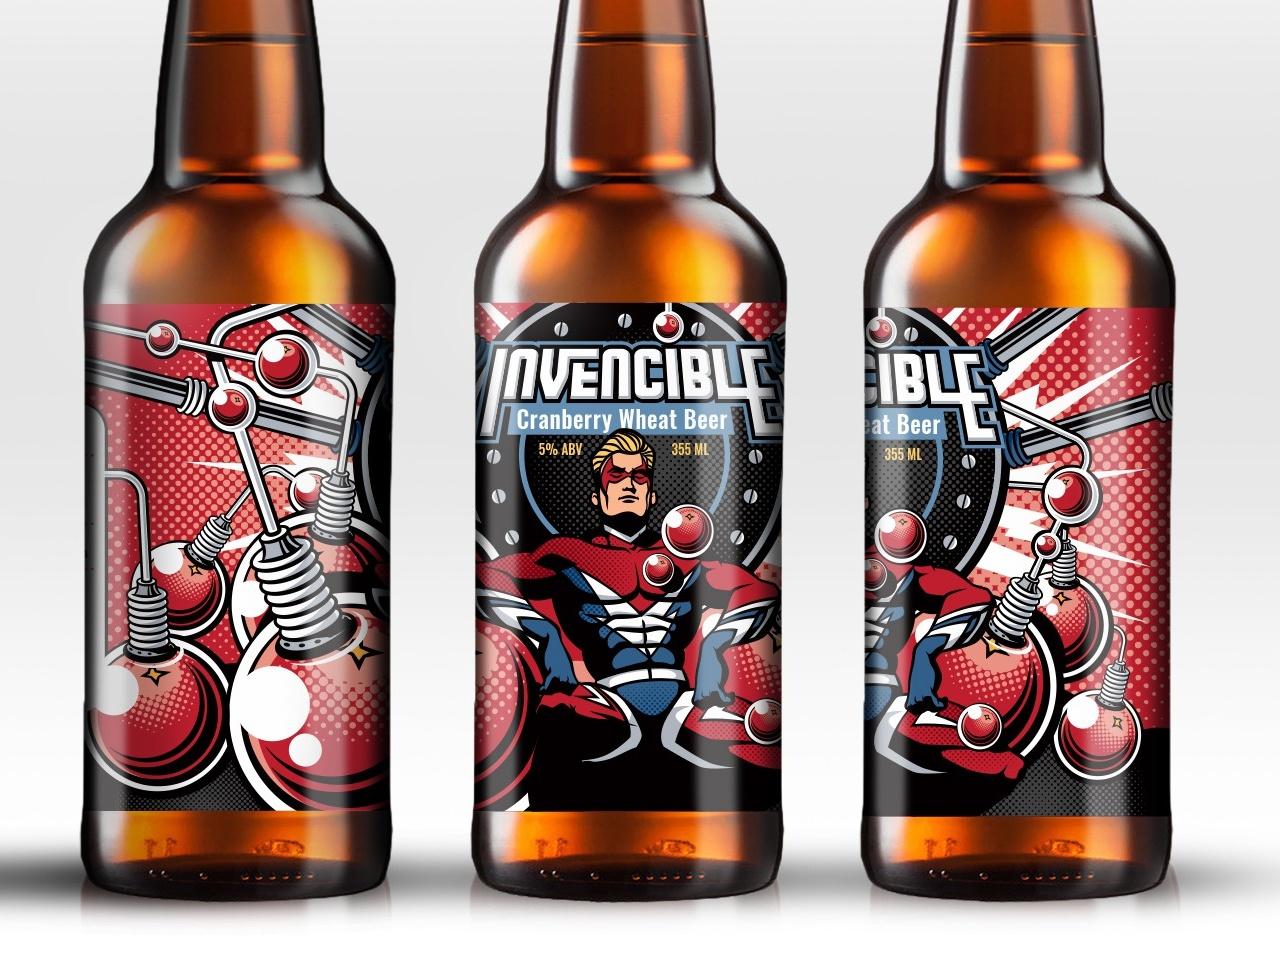 Vintage comic book inspired beer label design